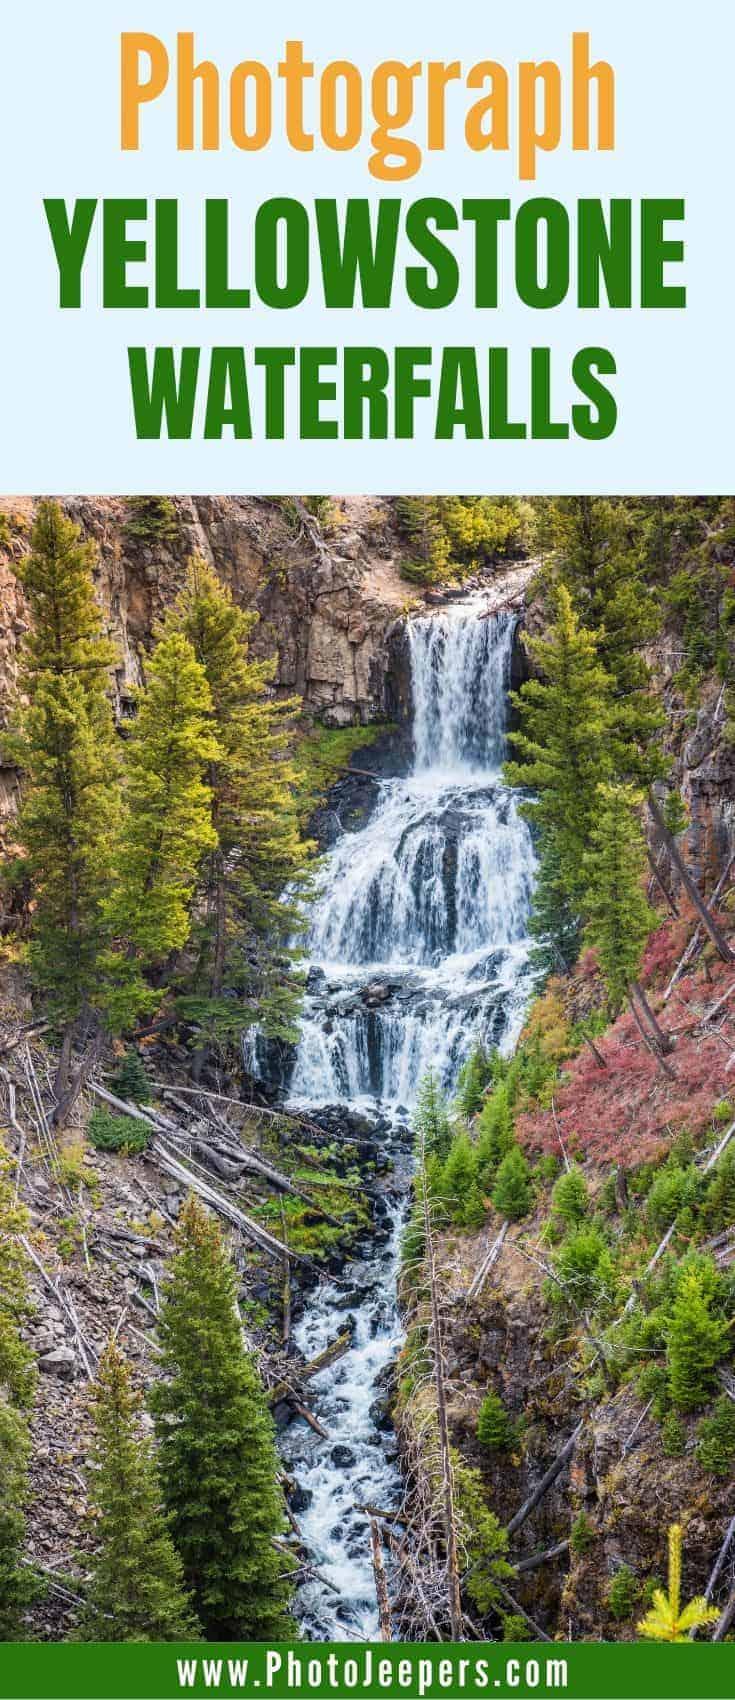 Photograph Yellowstone Waterfalls